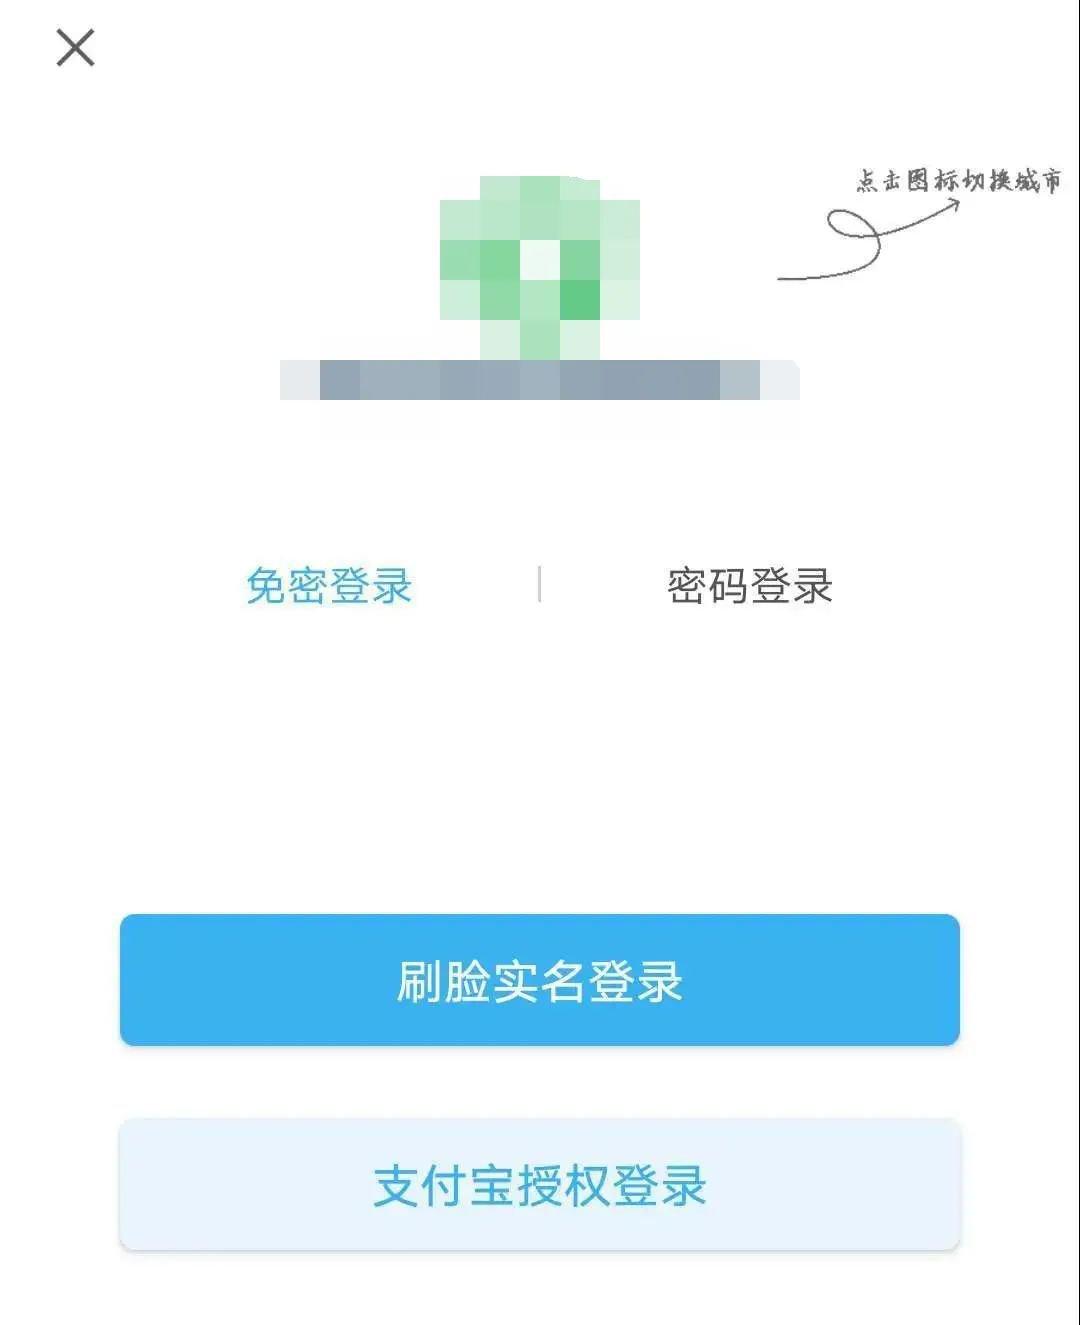 南宁公积金查询密码_南宁公积金贷款信息手机查询方式及流程- 南宁本地宝